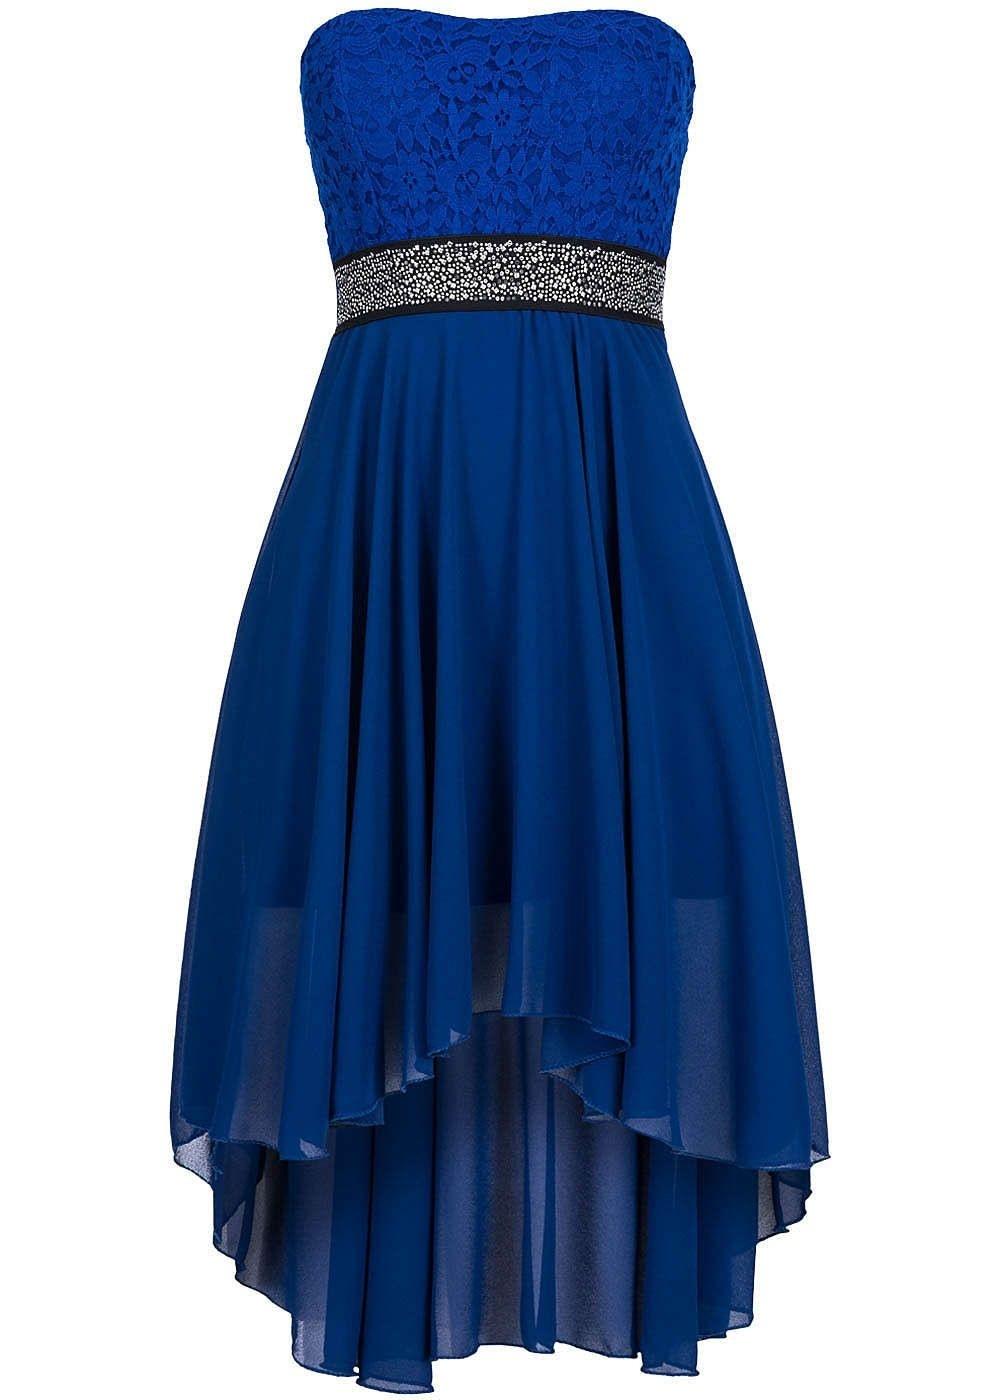 Perfekt Blaues Kleid Kurz Vertrieb20 Fantastisch Blaues Kleid Kurz Design